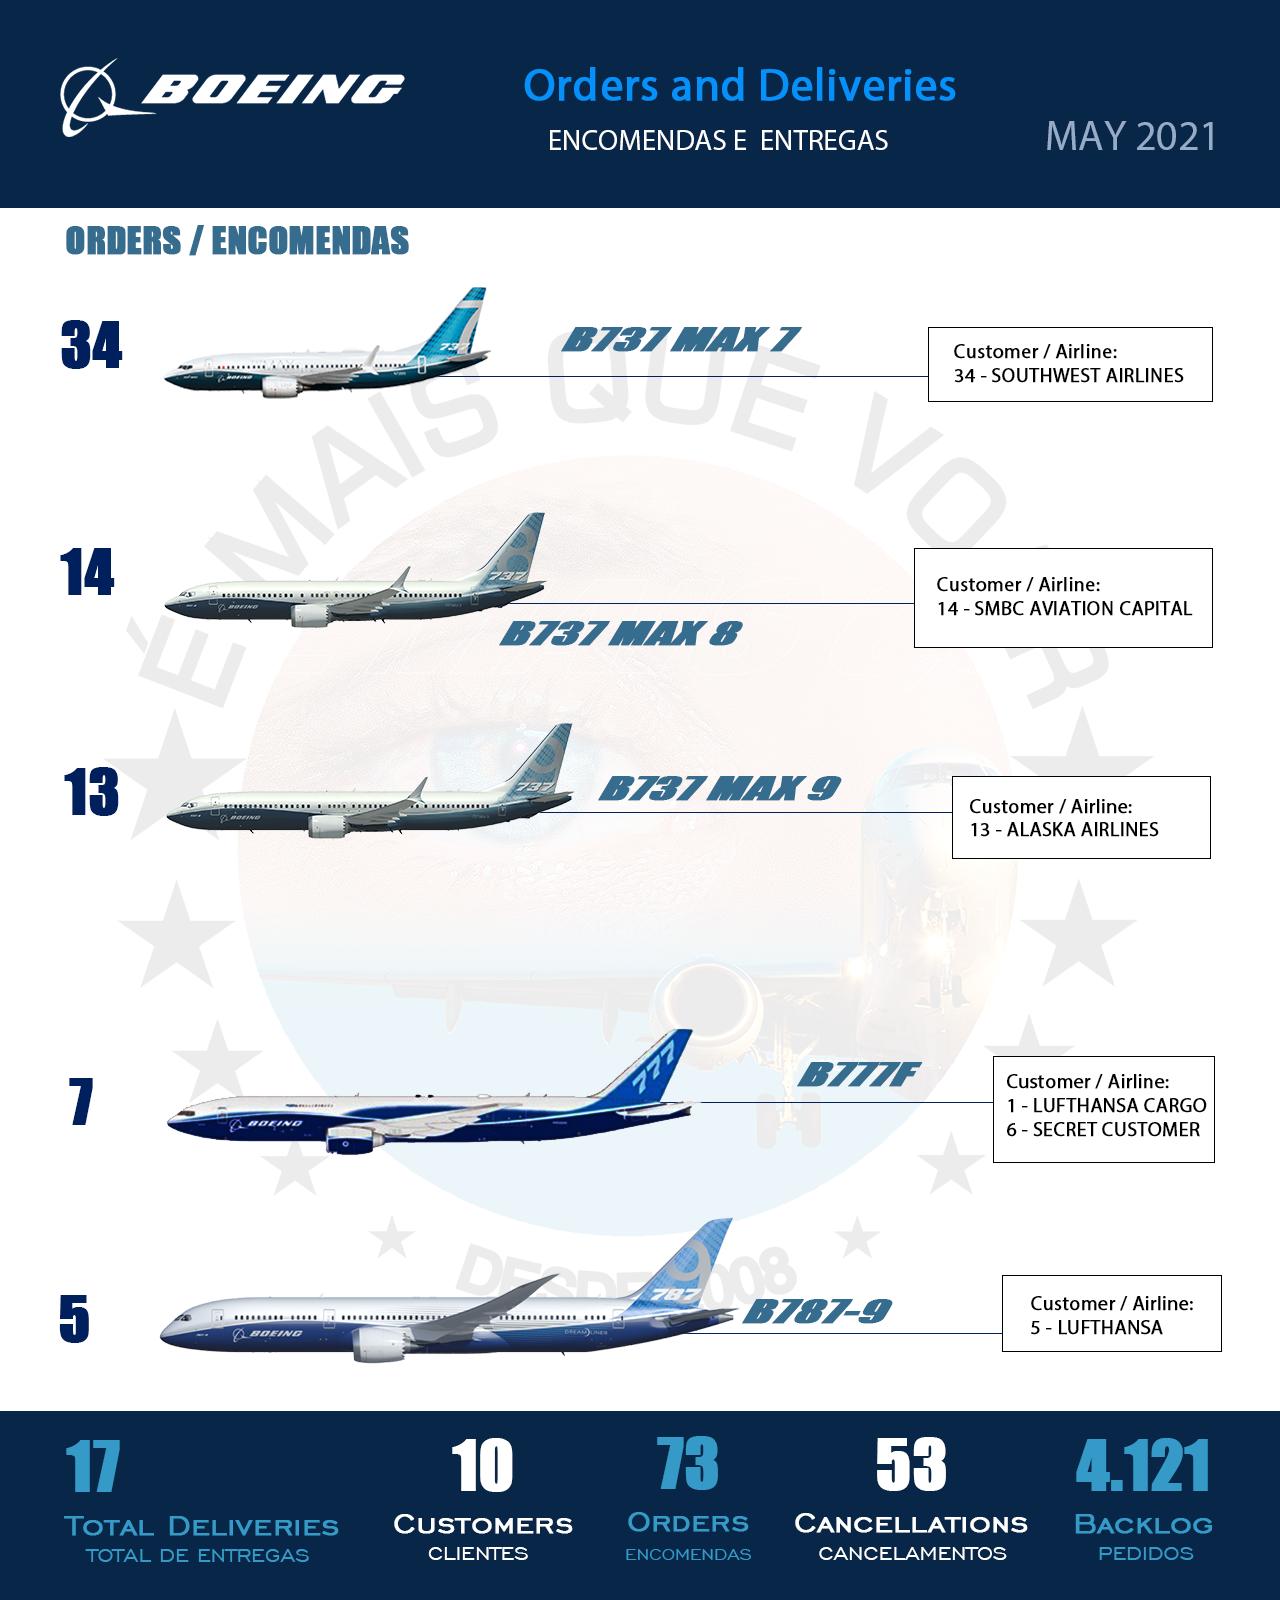 INFOGRÁFICO • Encomendas e Entregas Aeronaves Comerciais da Boeing Airplanes – Maio 2021 | É MAIS QUE VOAR